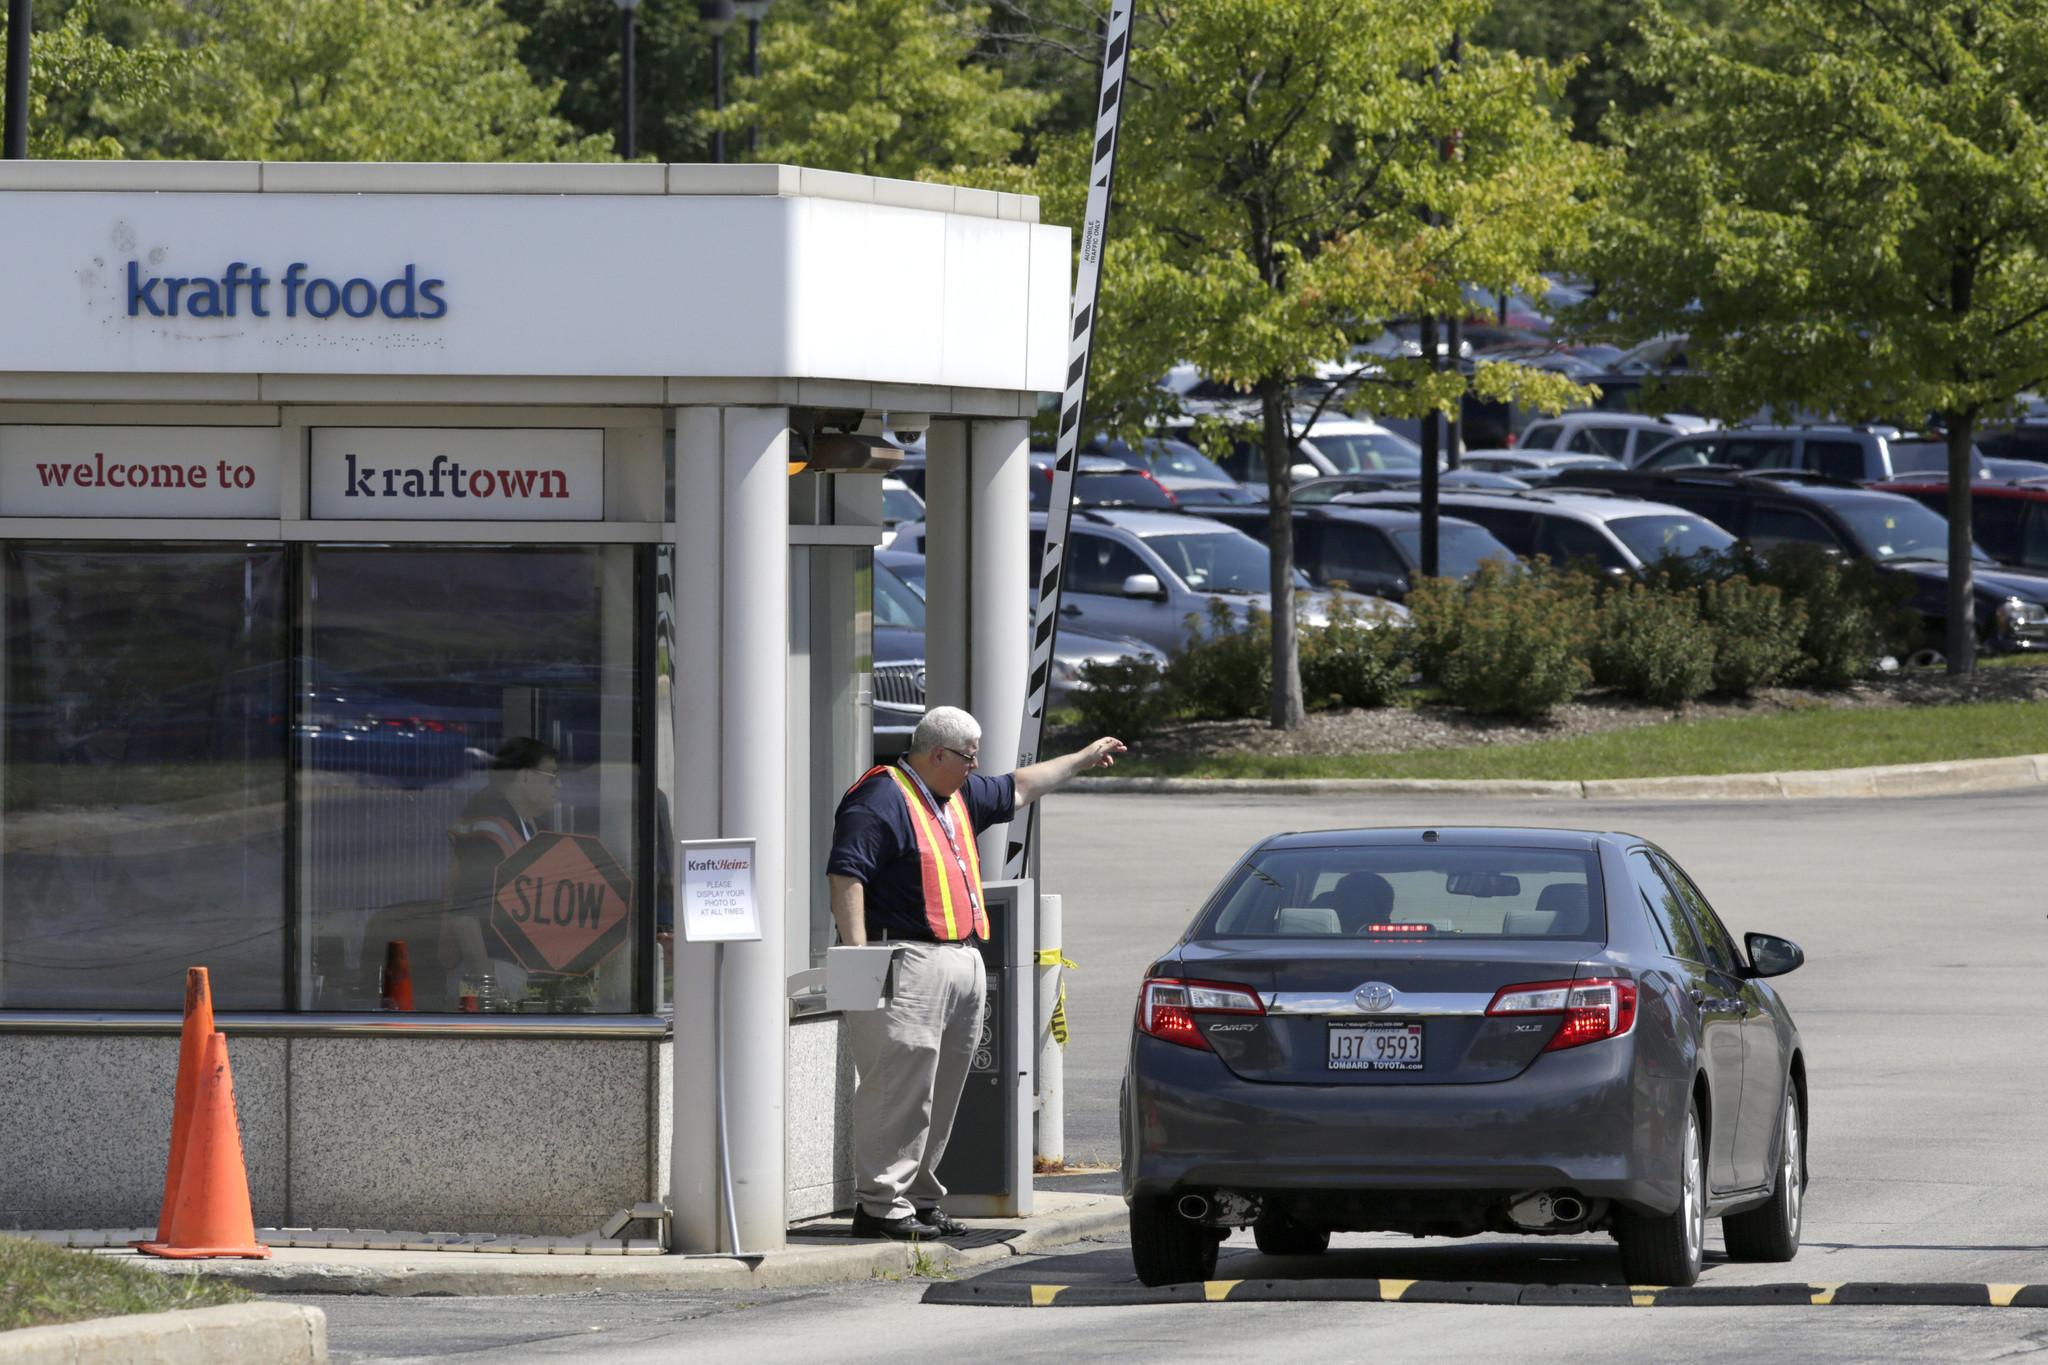 Kraft heinz layoffs 700 jobs in northfield 2 500 overall chicago news newslocker - Kraft foods chicago office ...